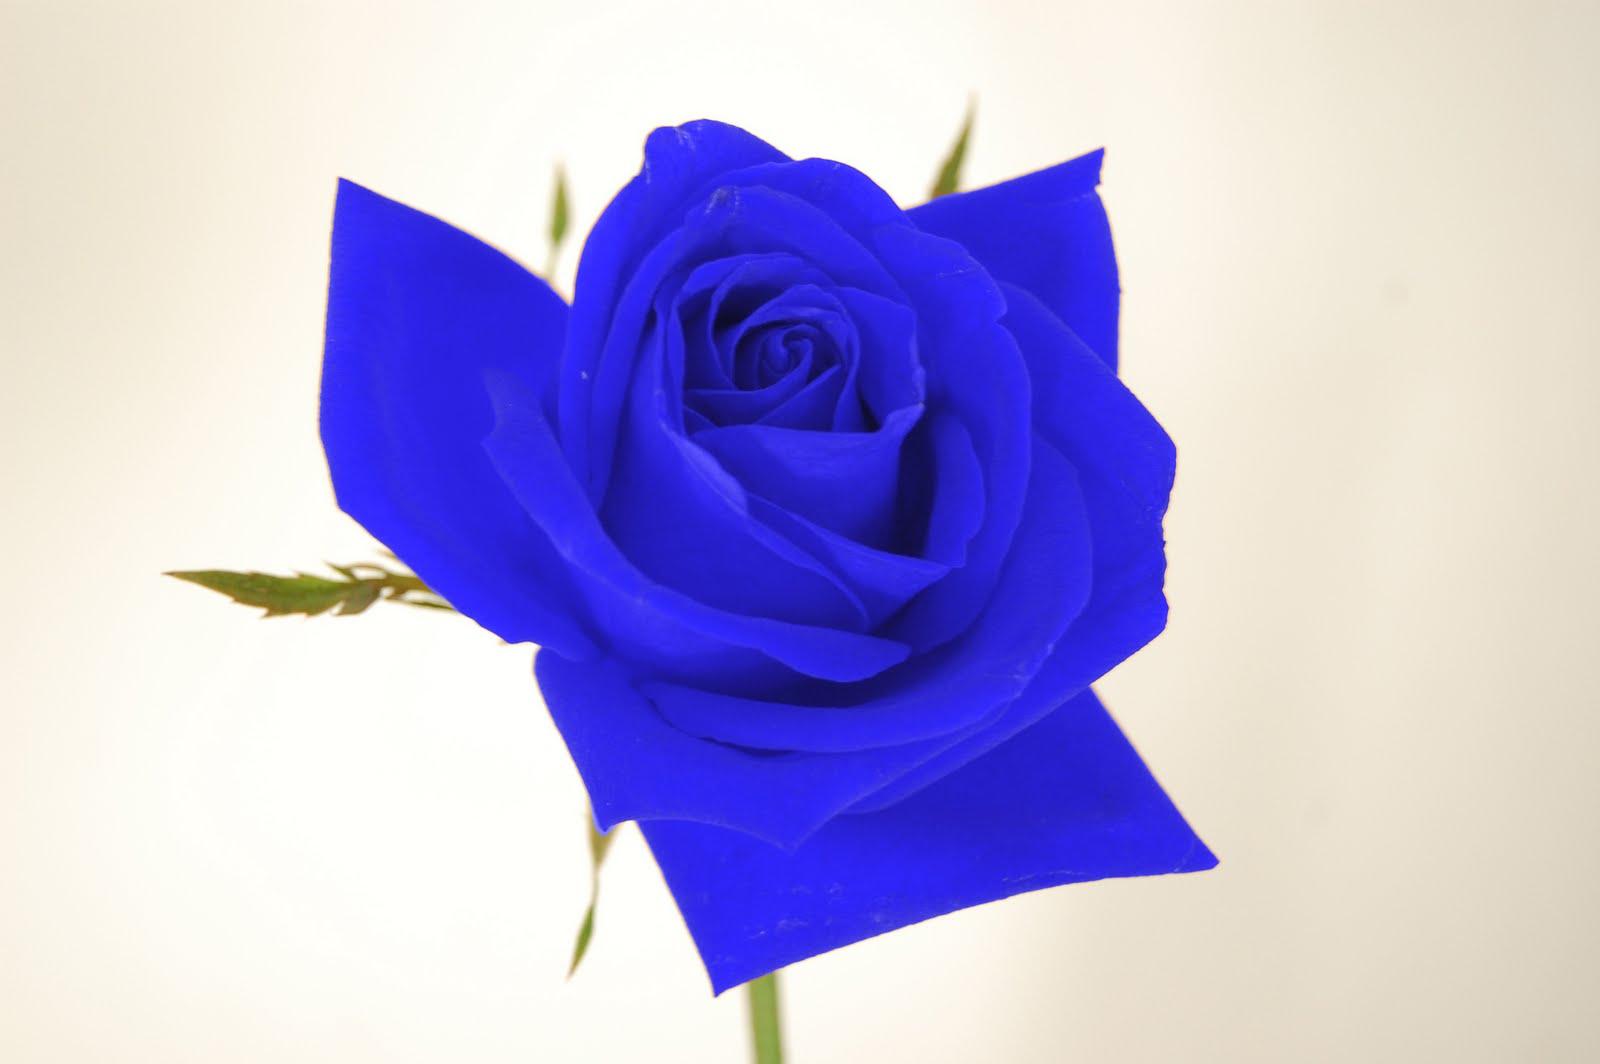 Rosa flor azul